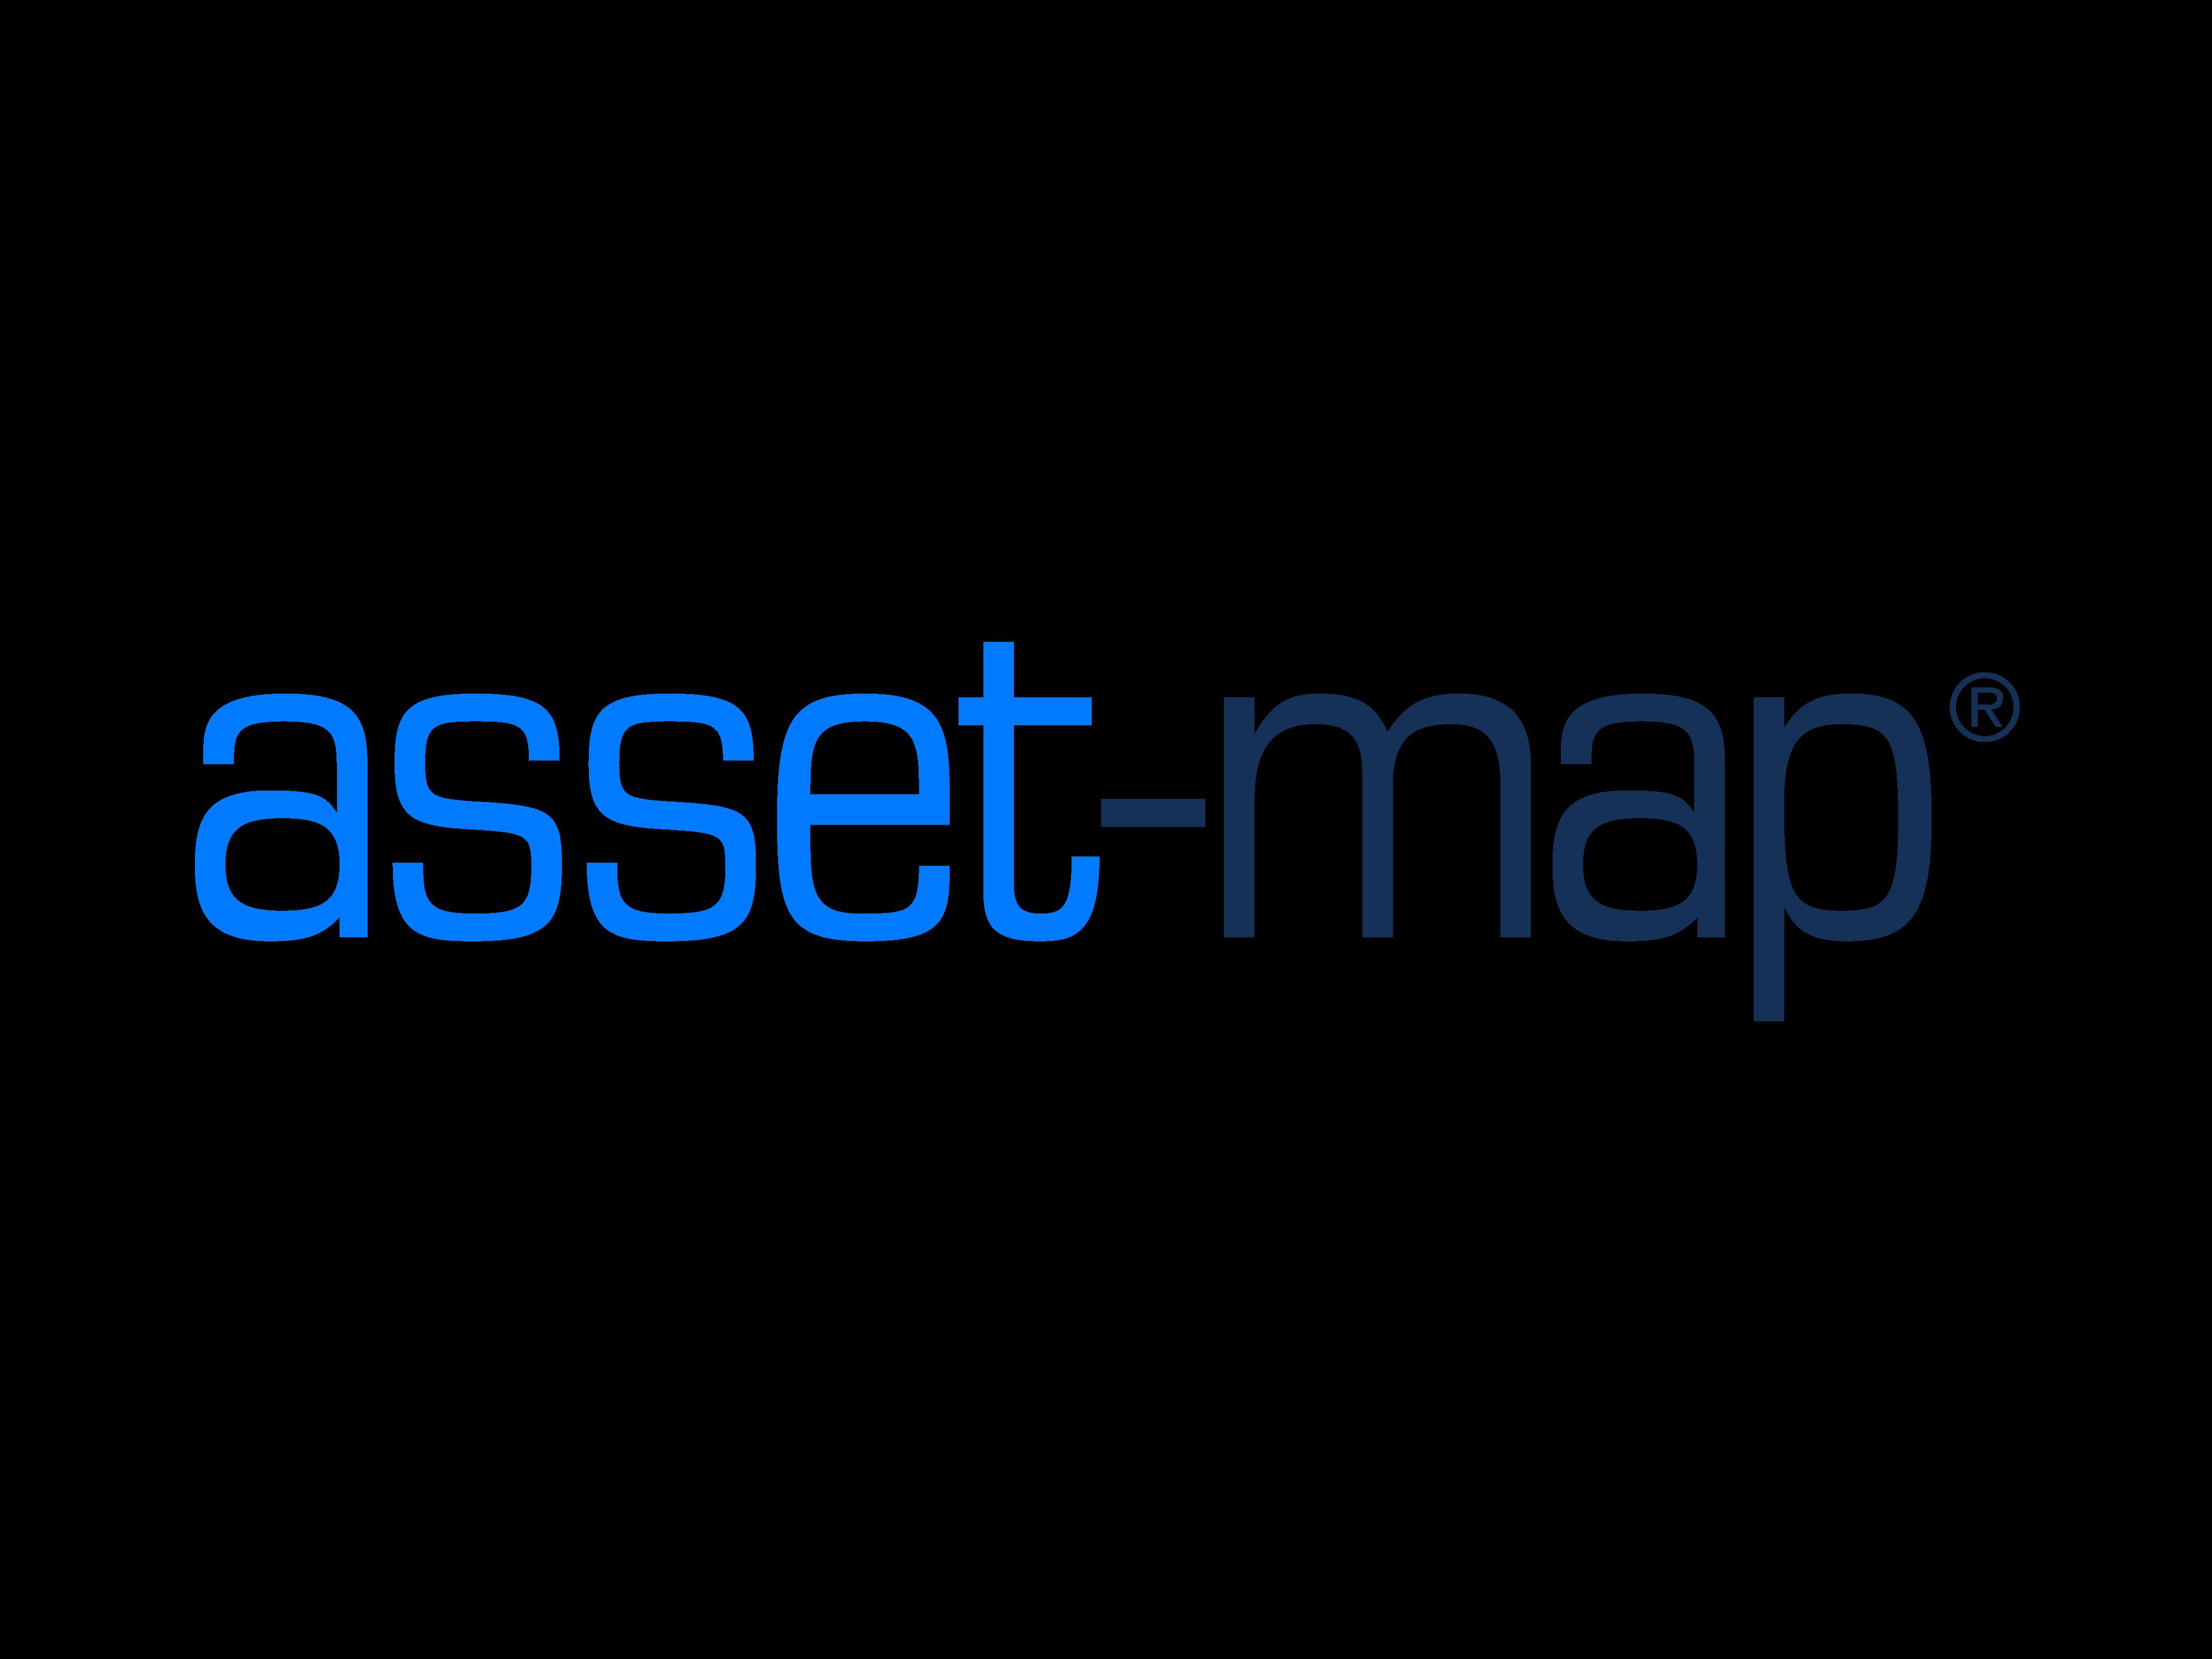 Asset Map (1)-01